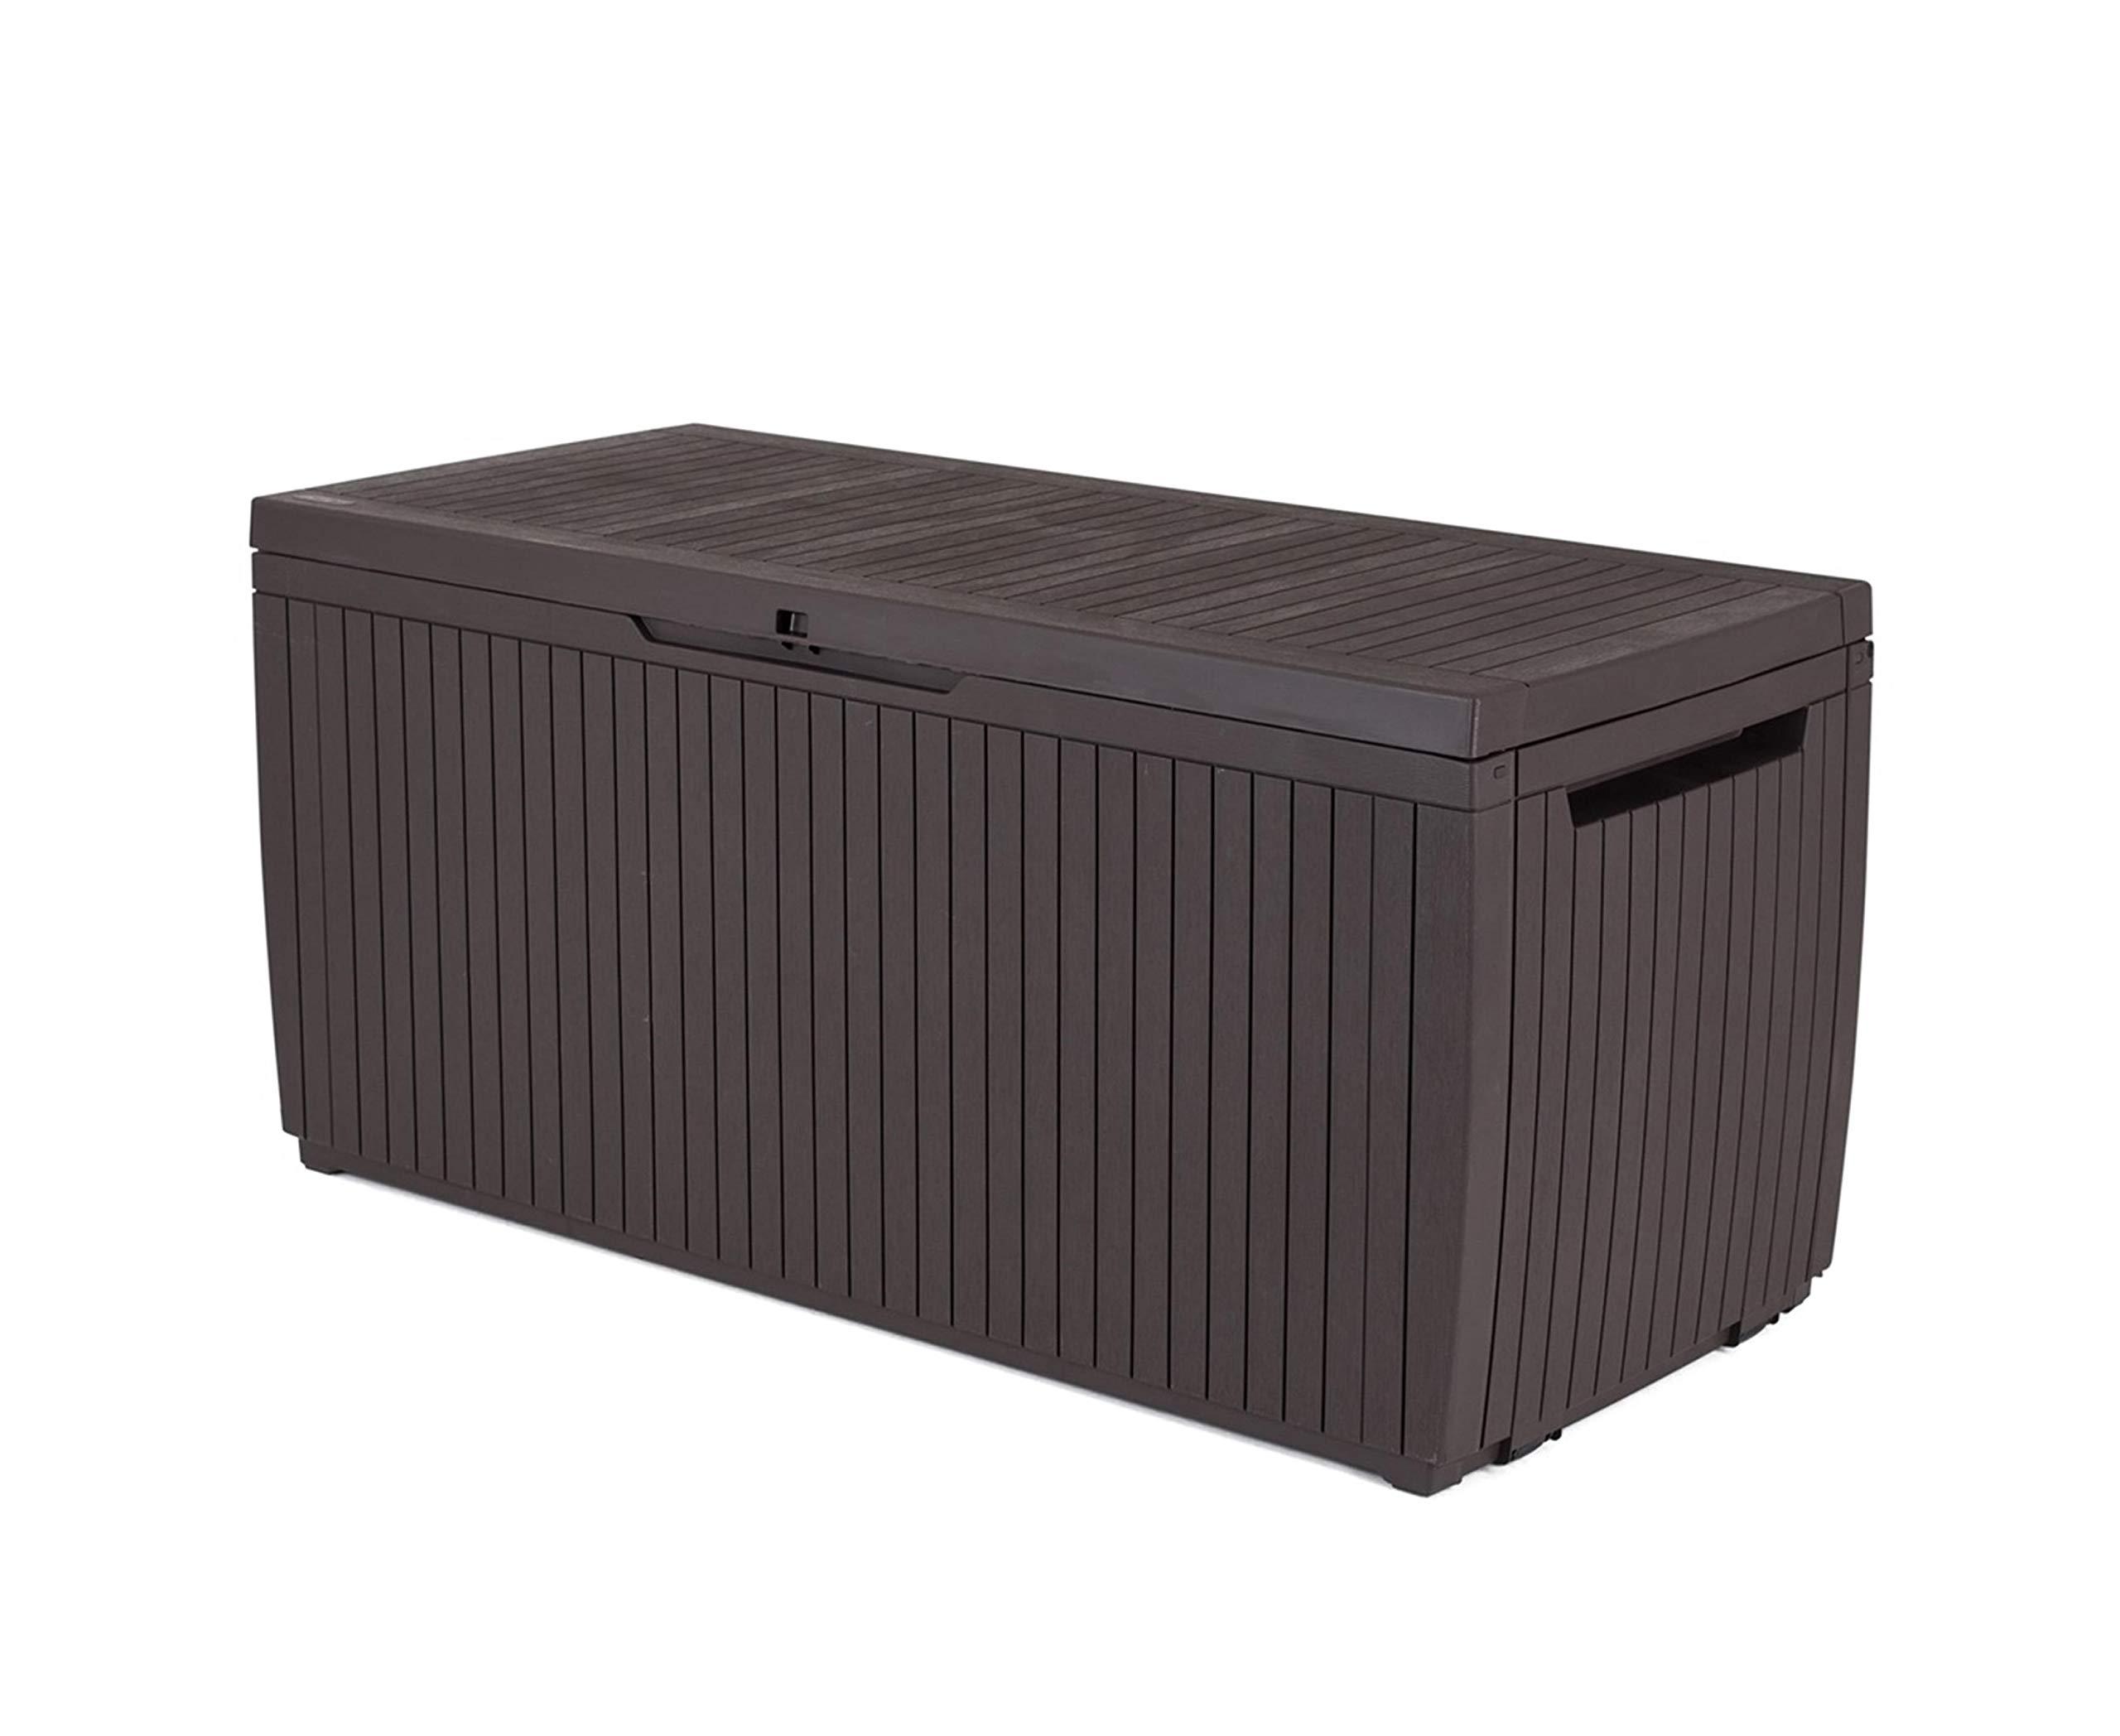 Keter - Arcón exterior Springwood. Capacidad 305 litros. Color marrón product image